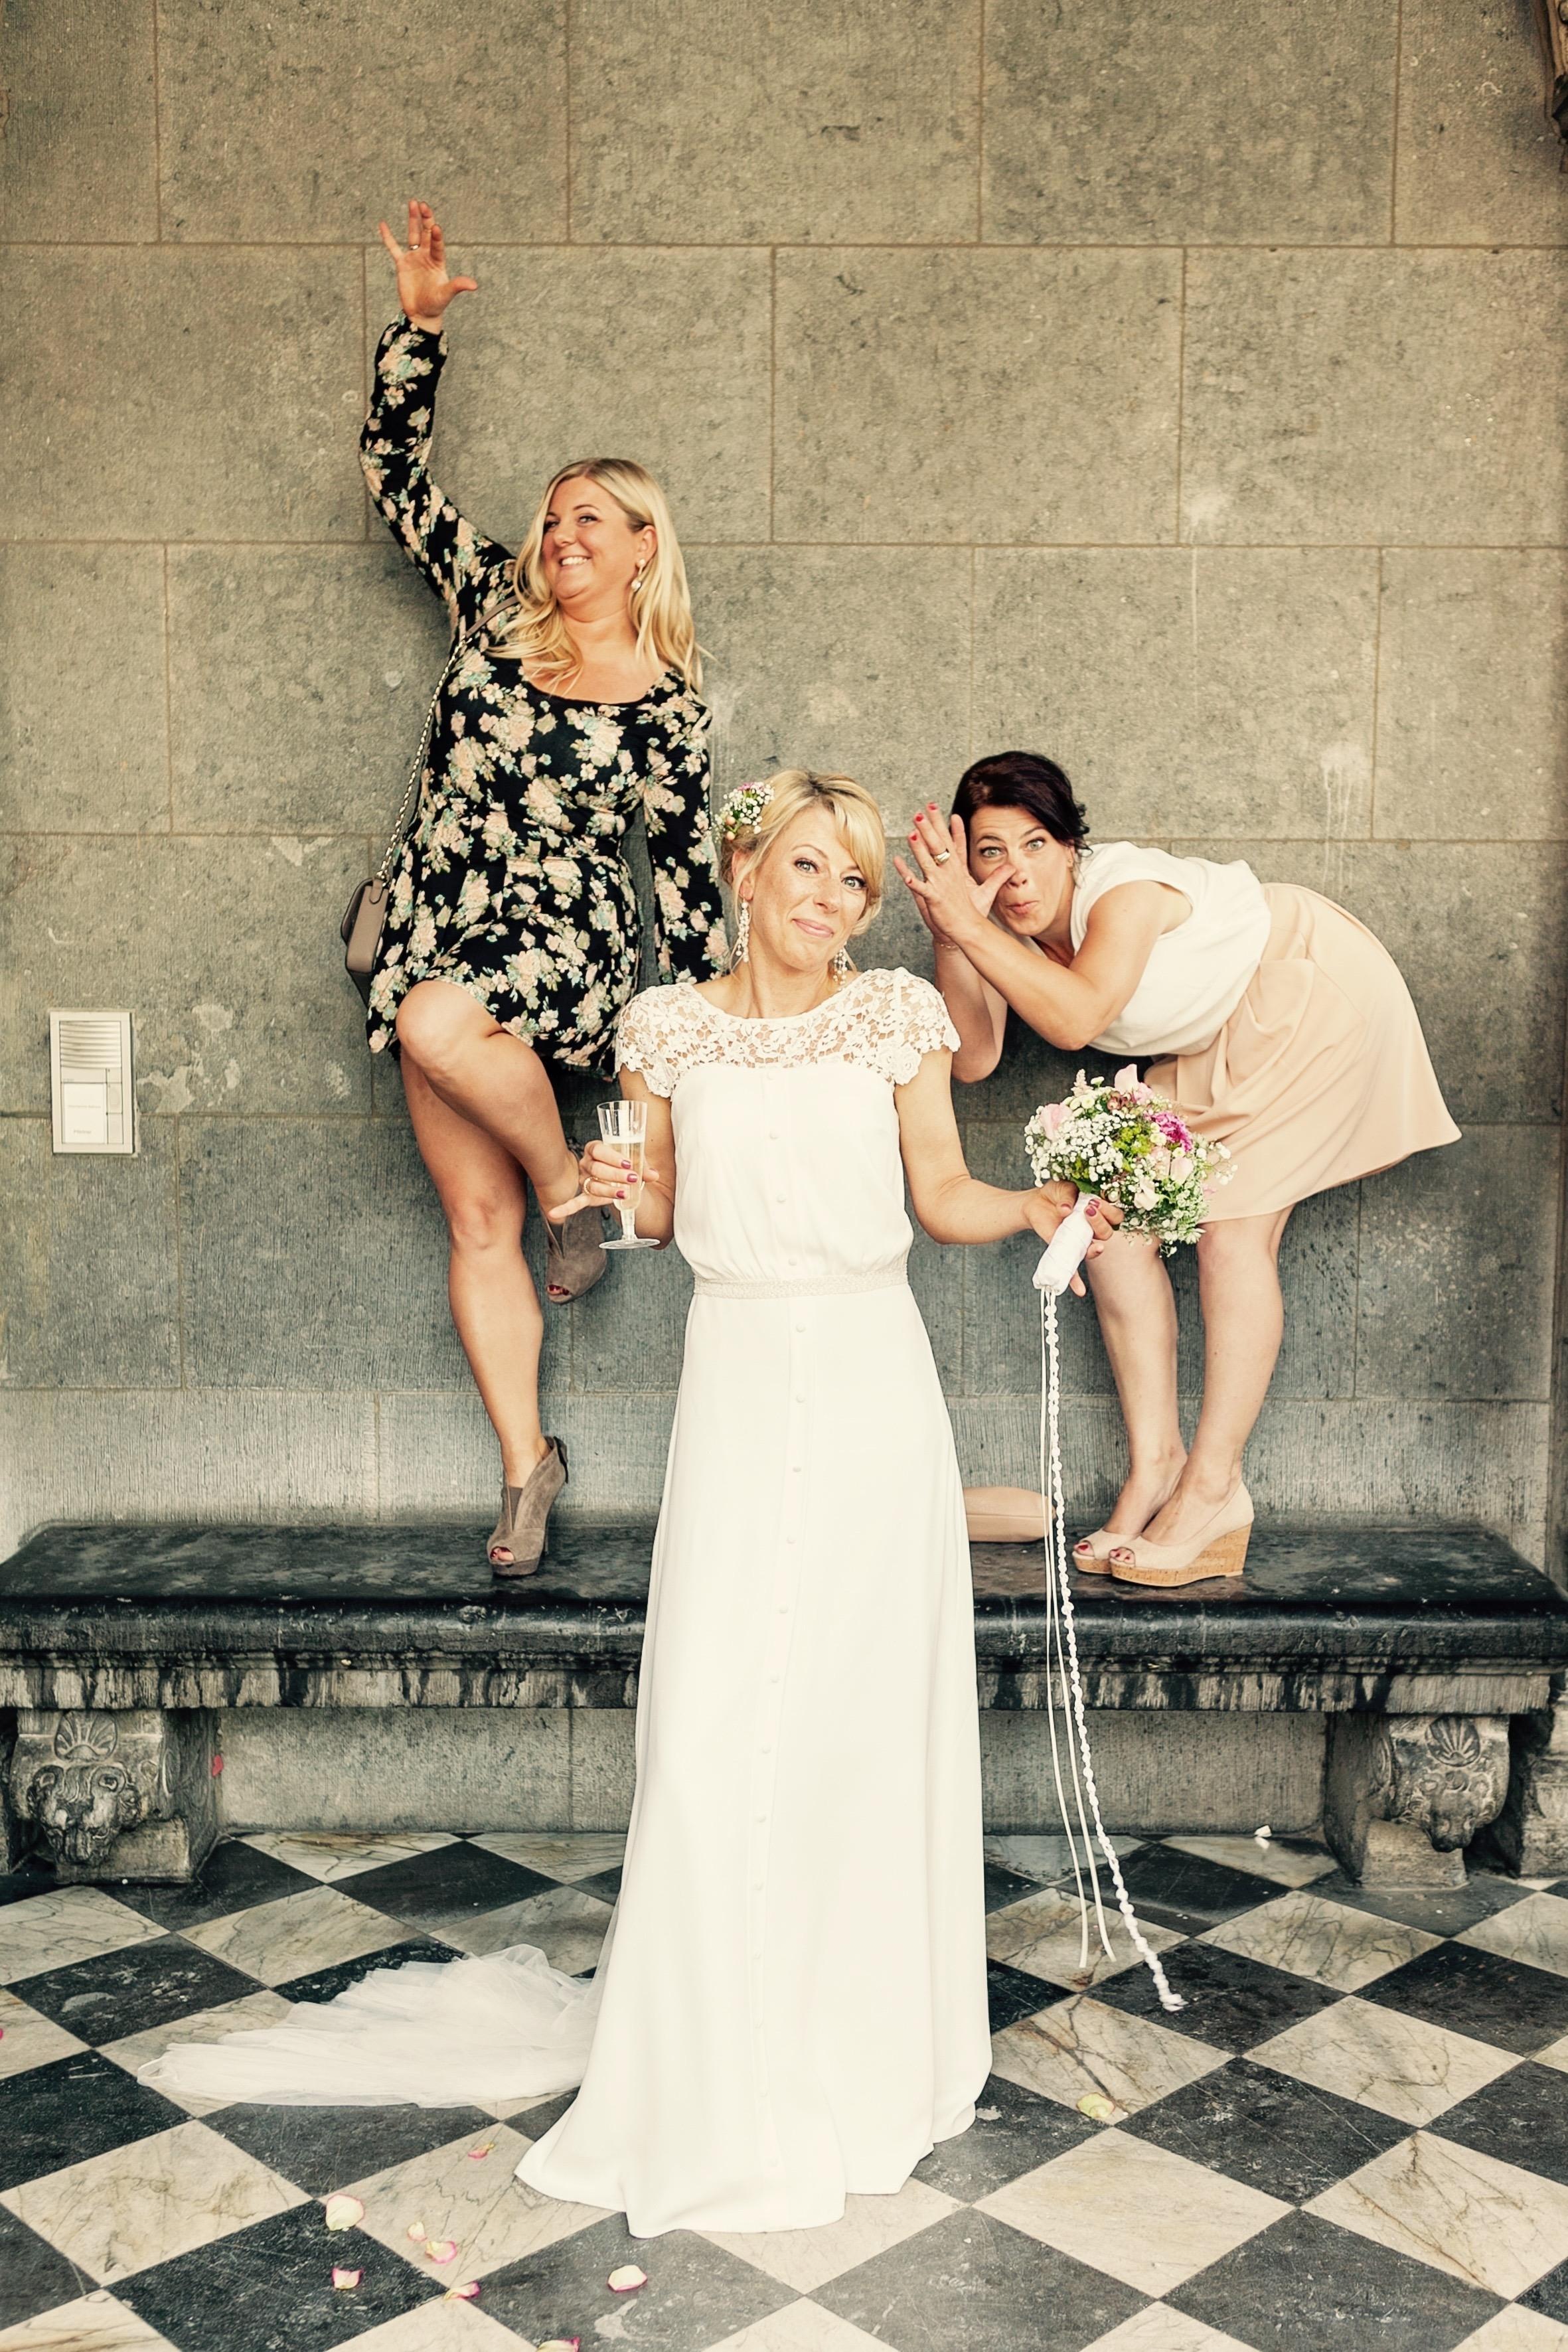 Formal Wunderbar Brautmode Abendmode DesignFormal Genial Brautmode Abendmode Stylish